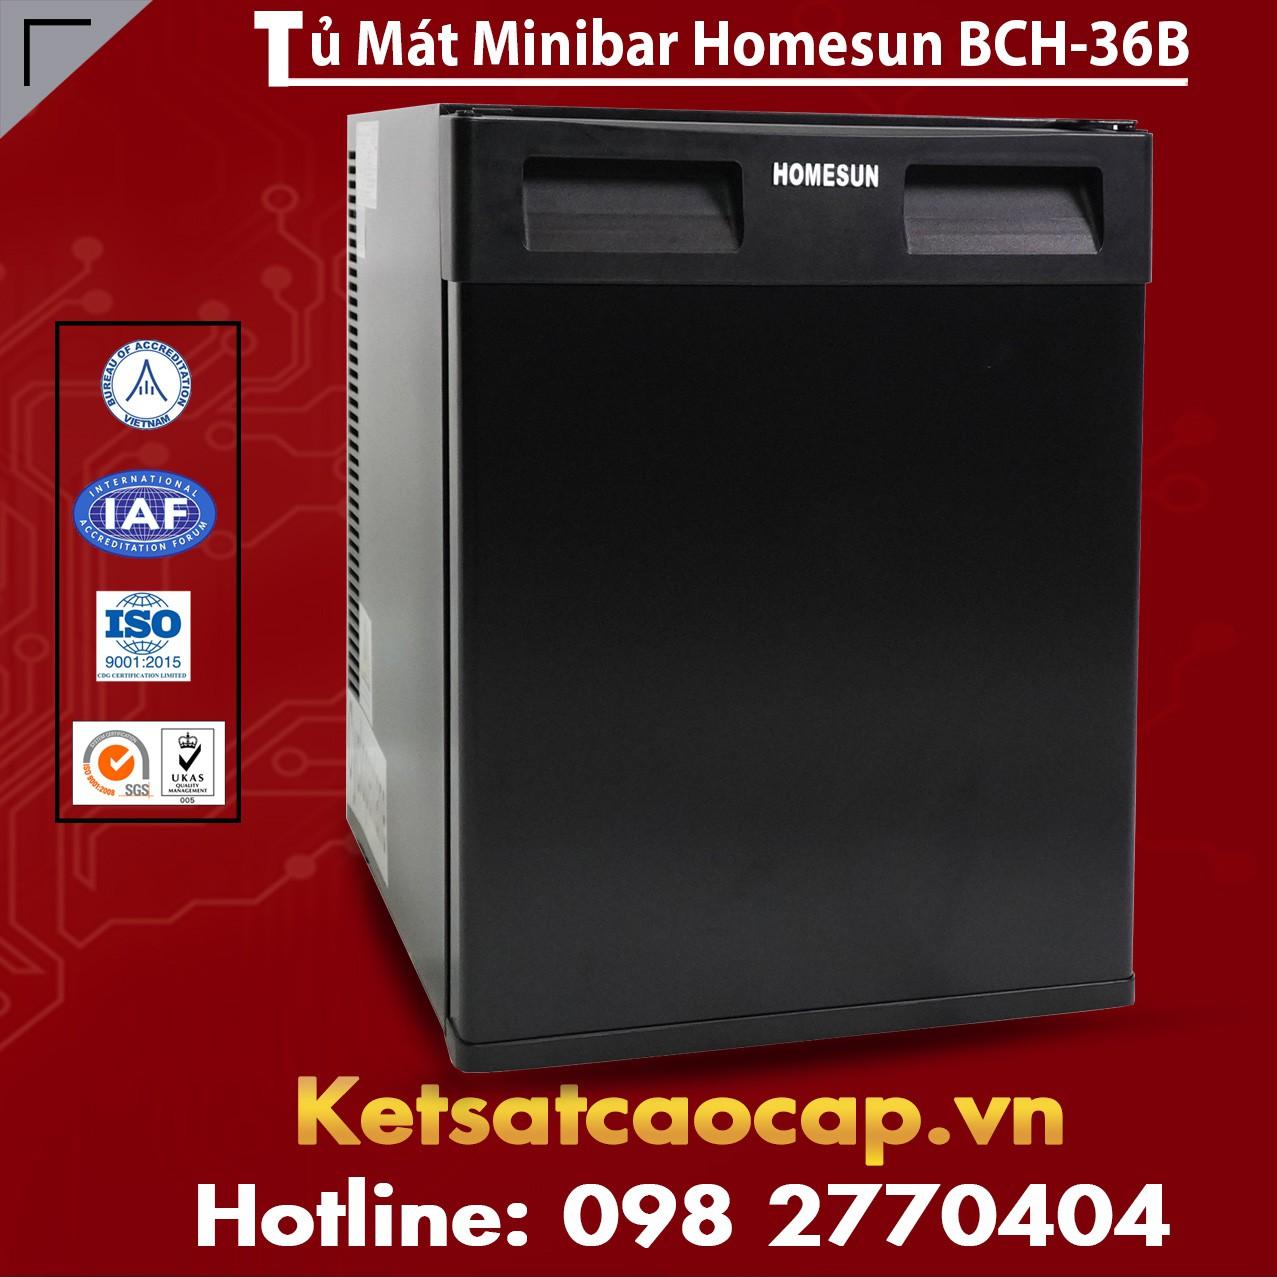 Tủ Mát HomeSun BCH - 36B